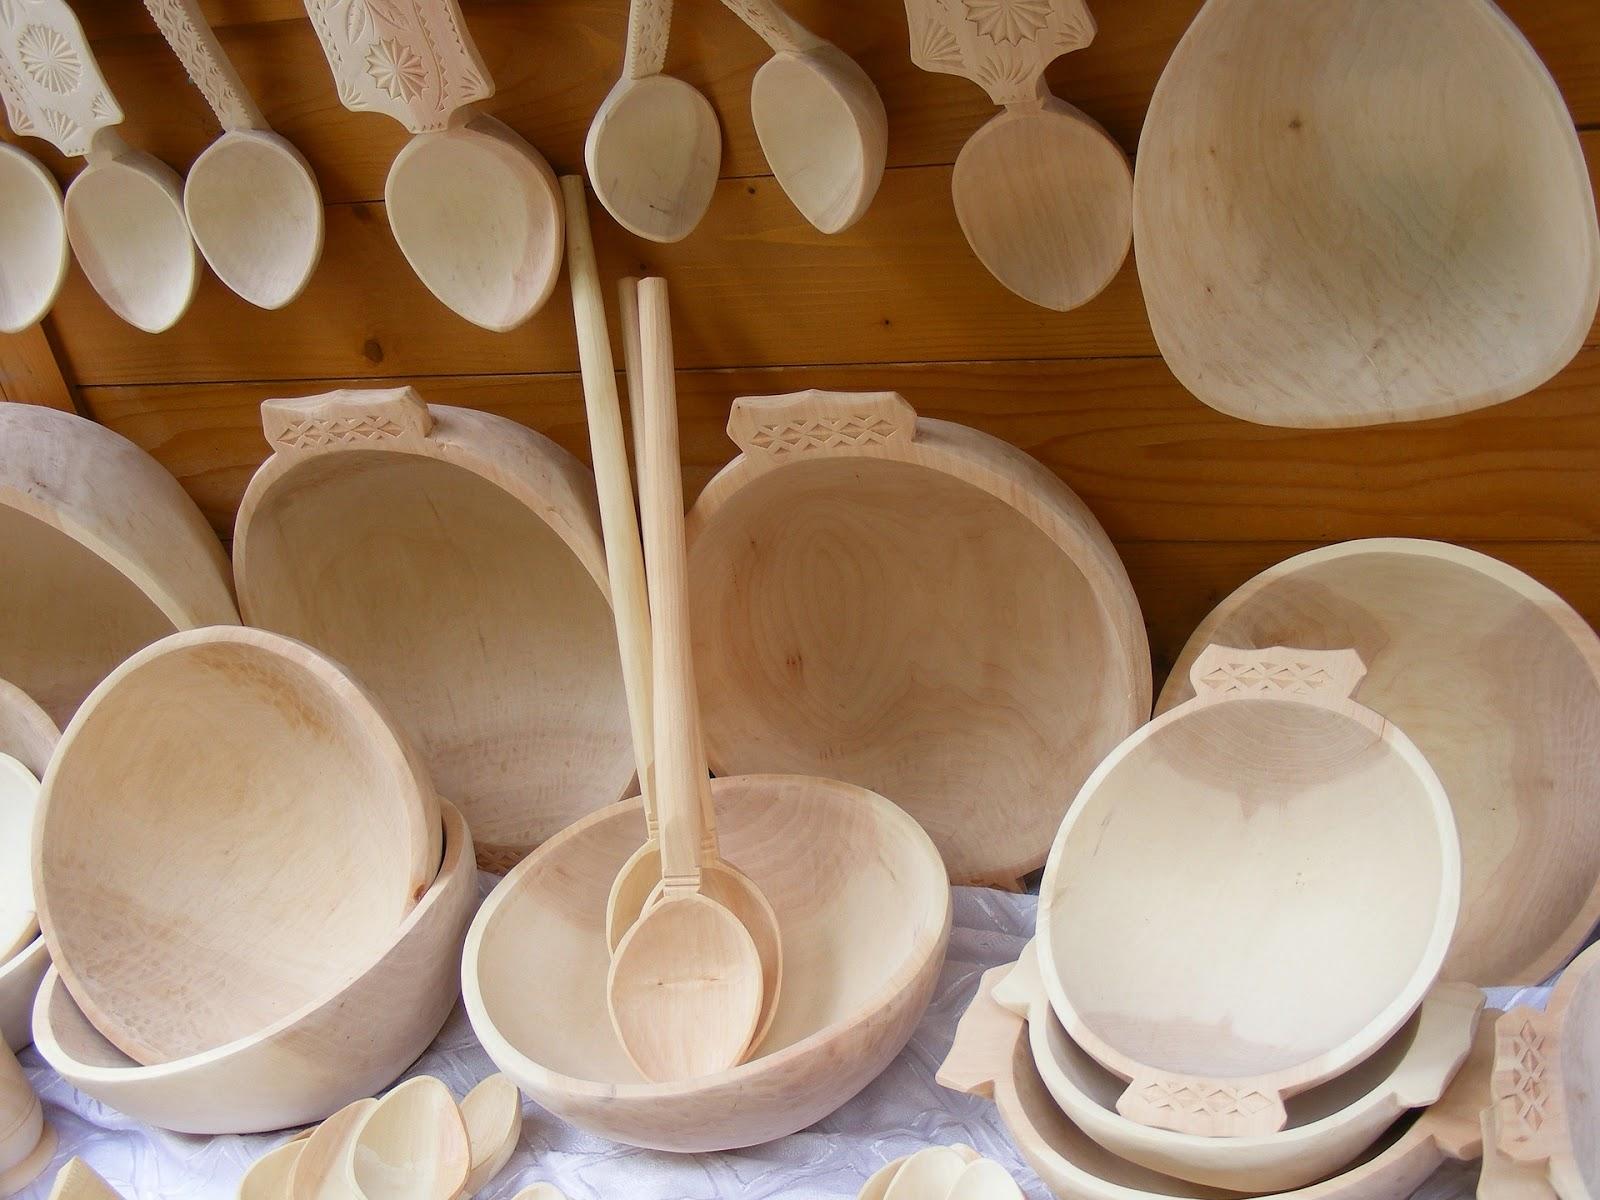 Τρόπος για να μην φουσκώνουν τα ξύλινα σκεύη της κουζίνας σας